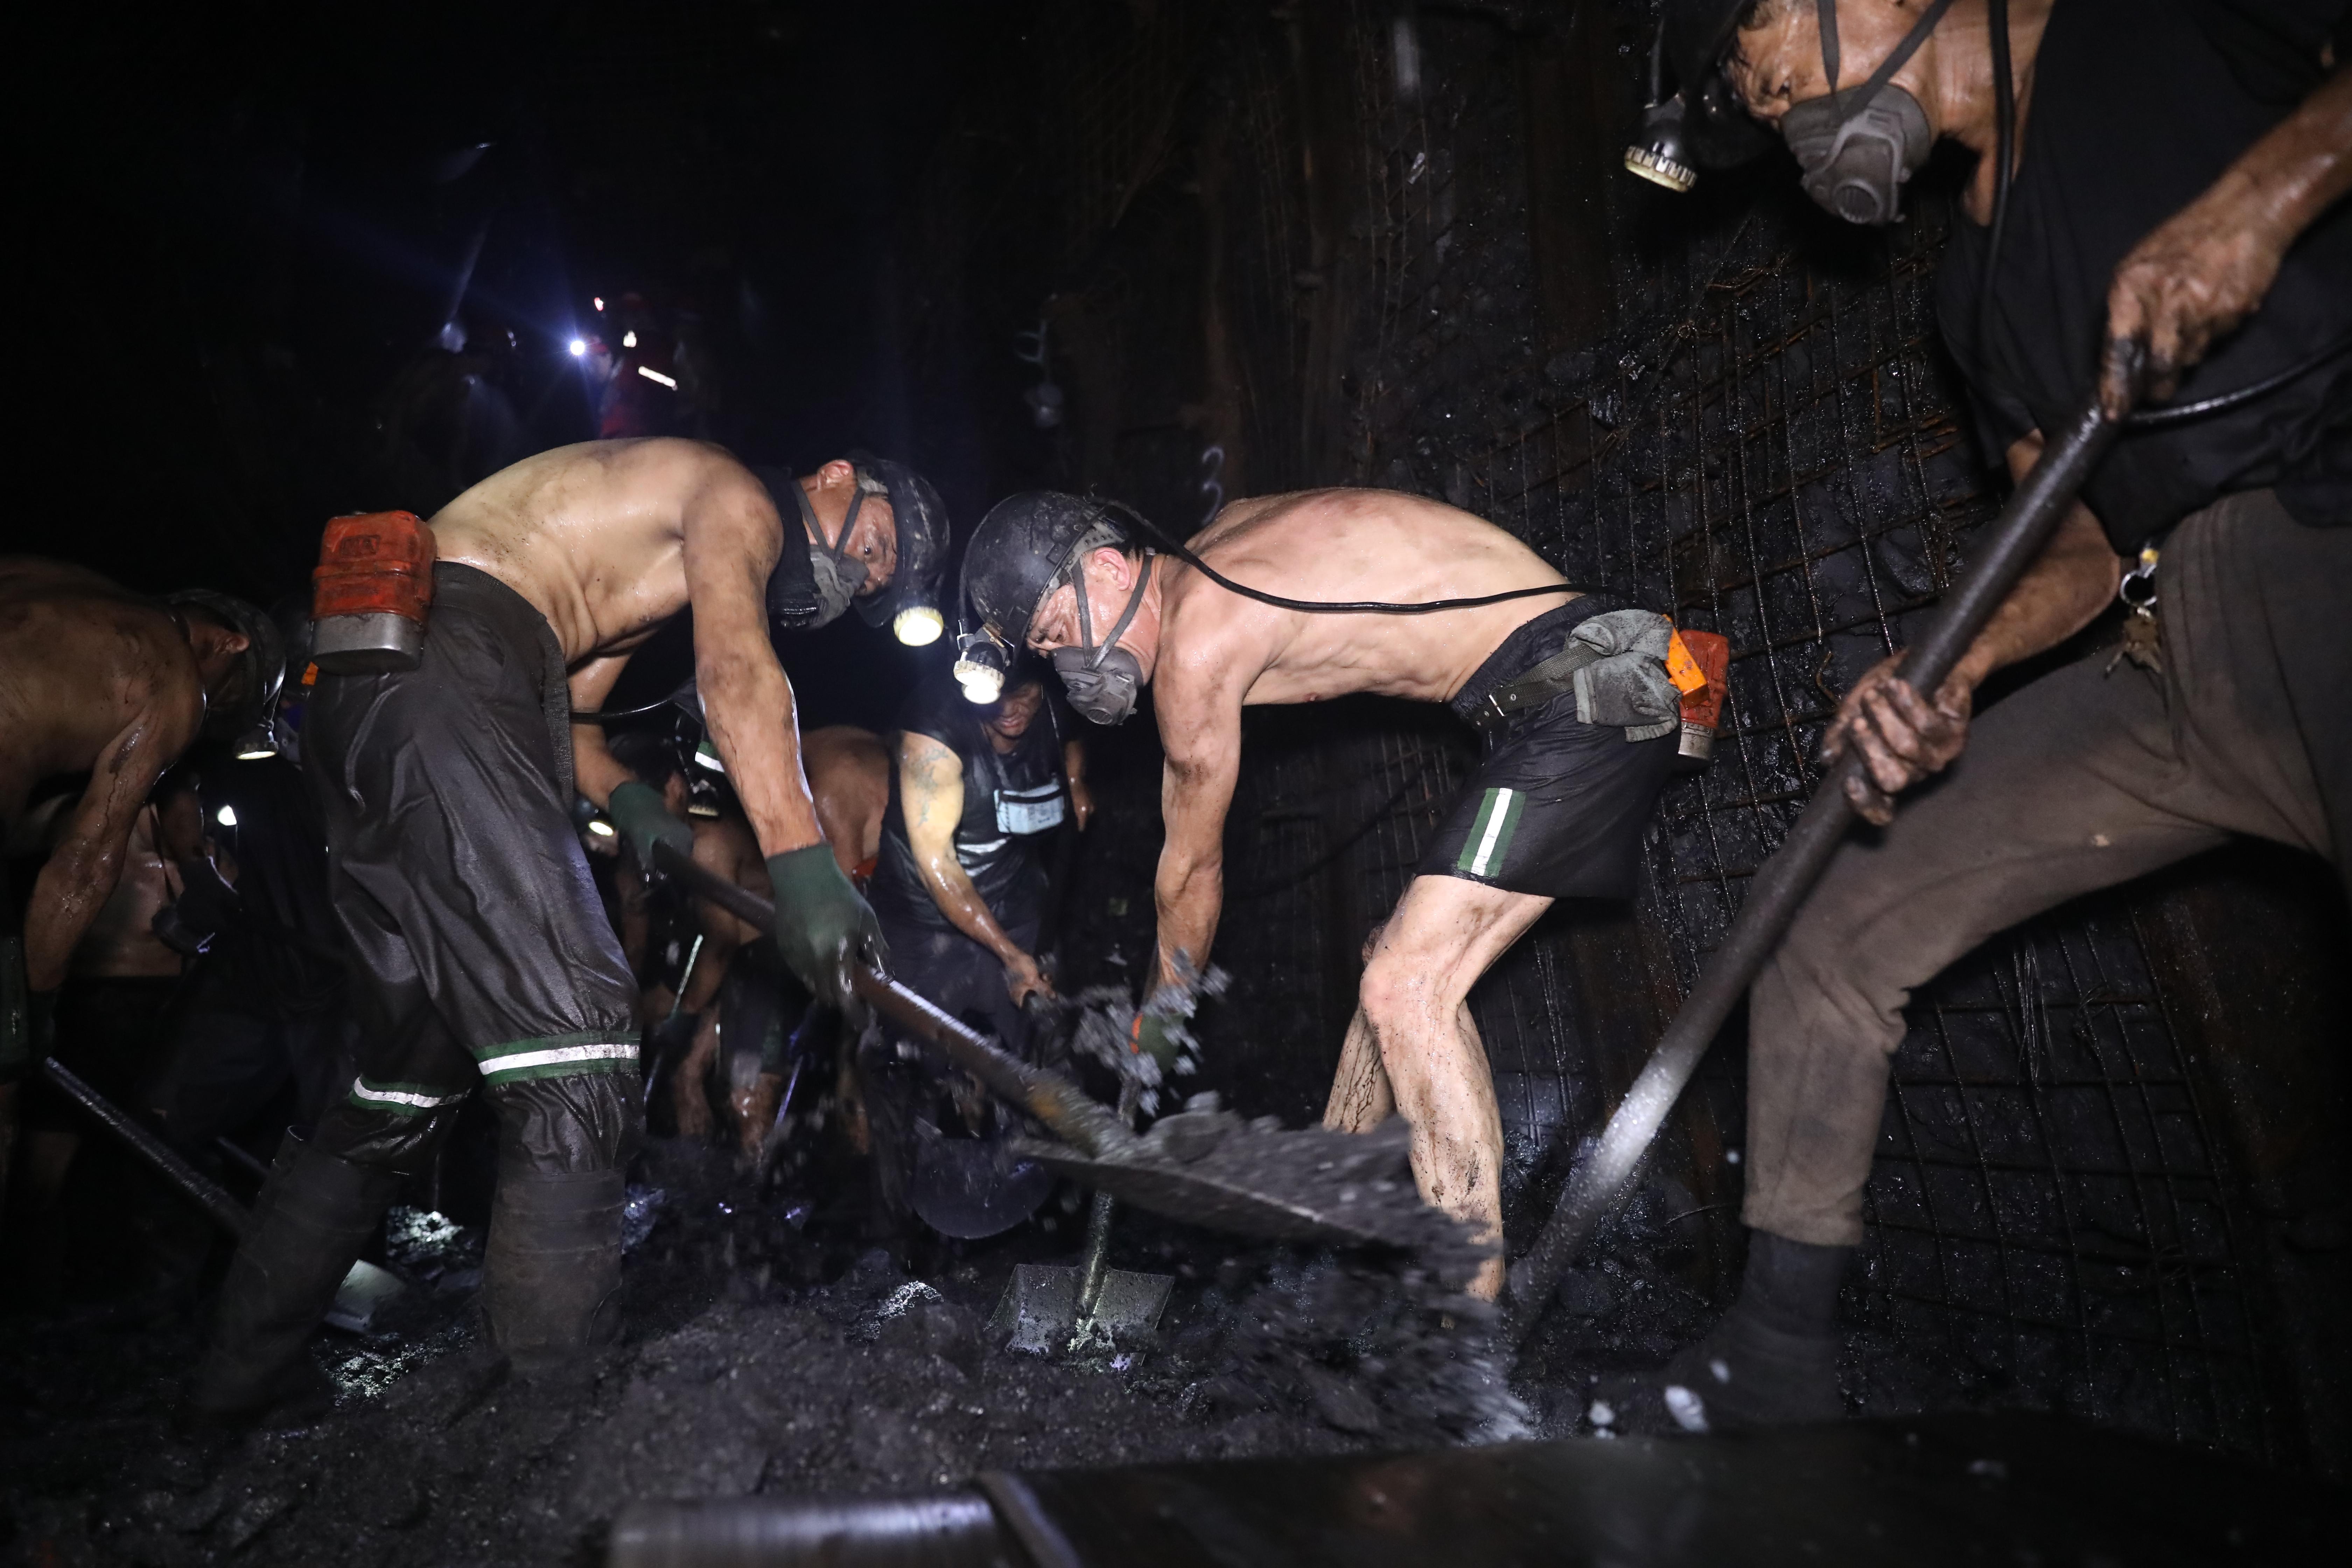 决不放弃!为了矿工兄弟,他们赤膊在千米井下展开生死博弈